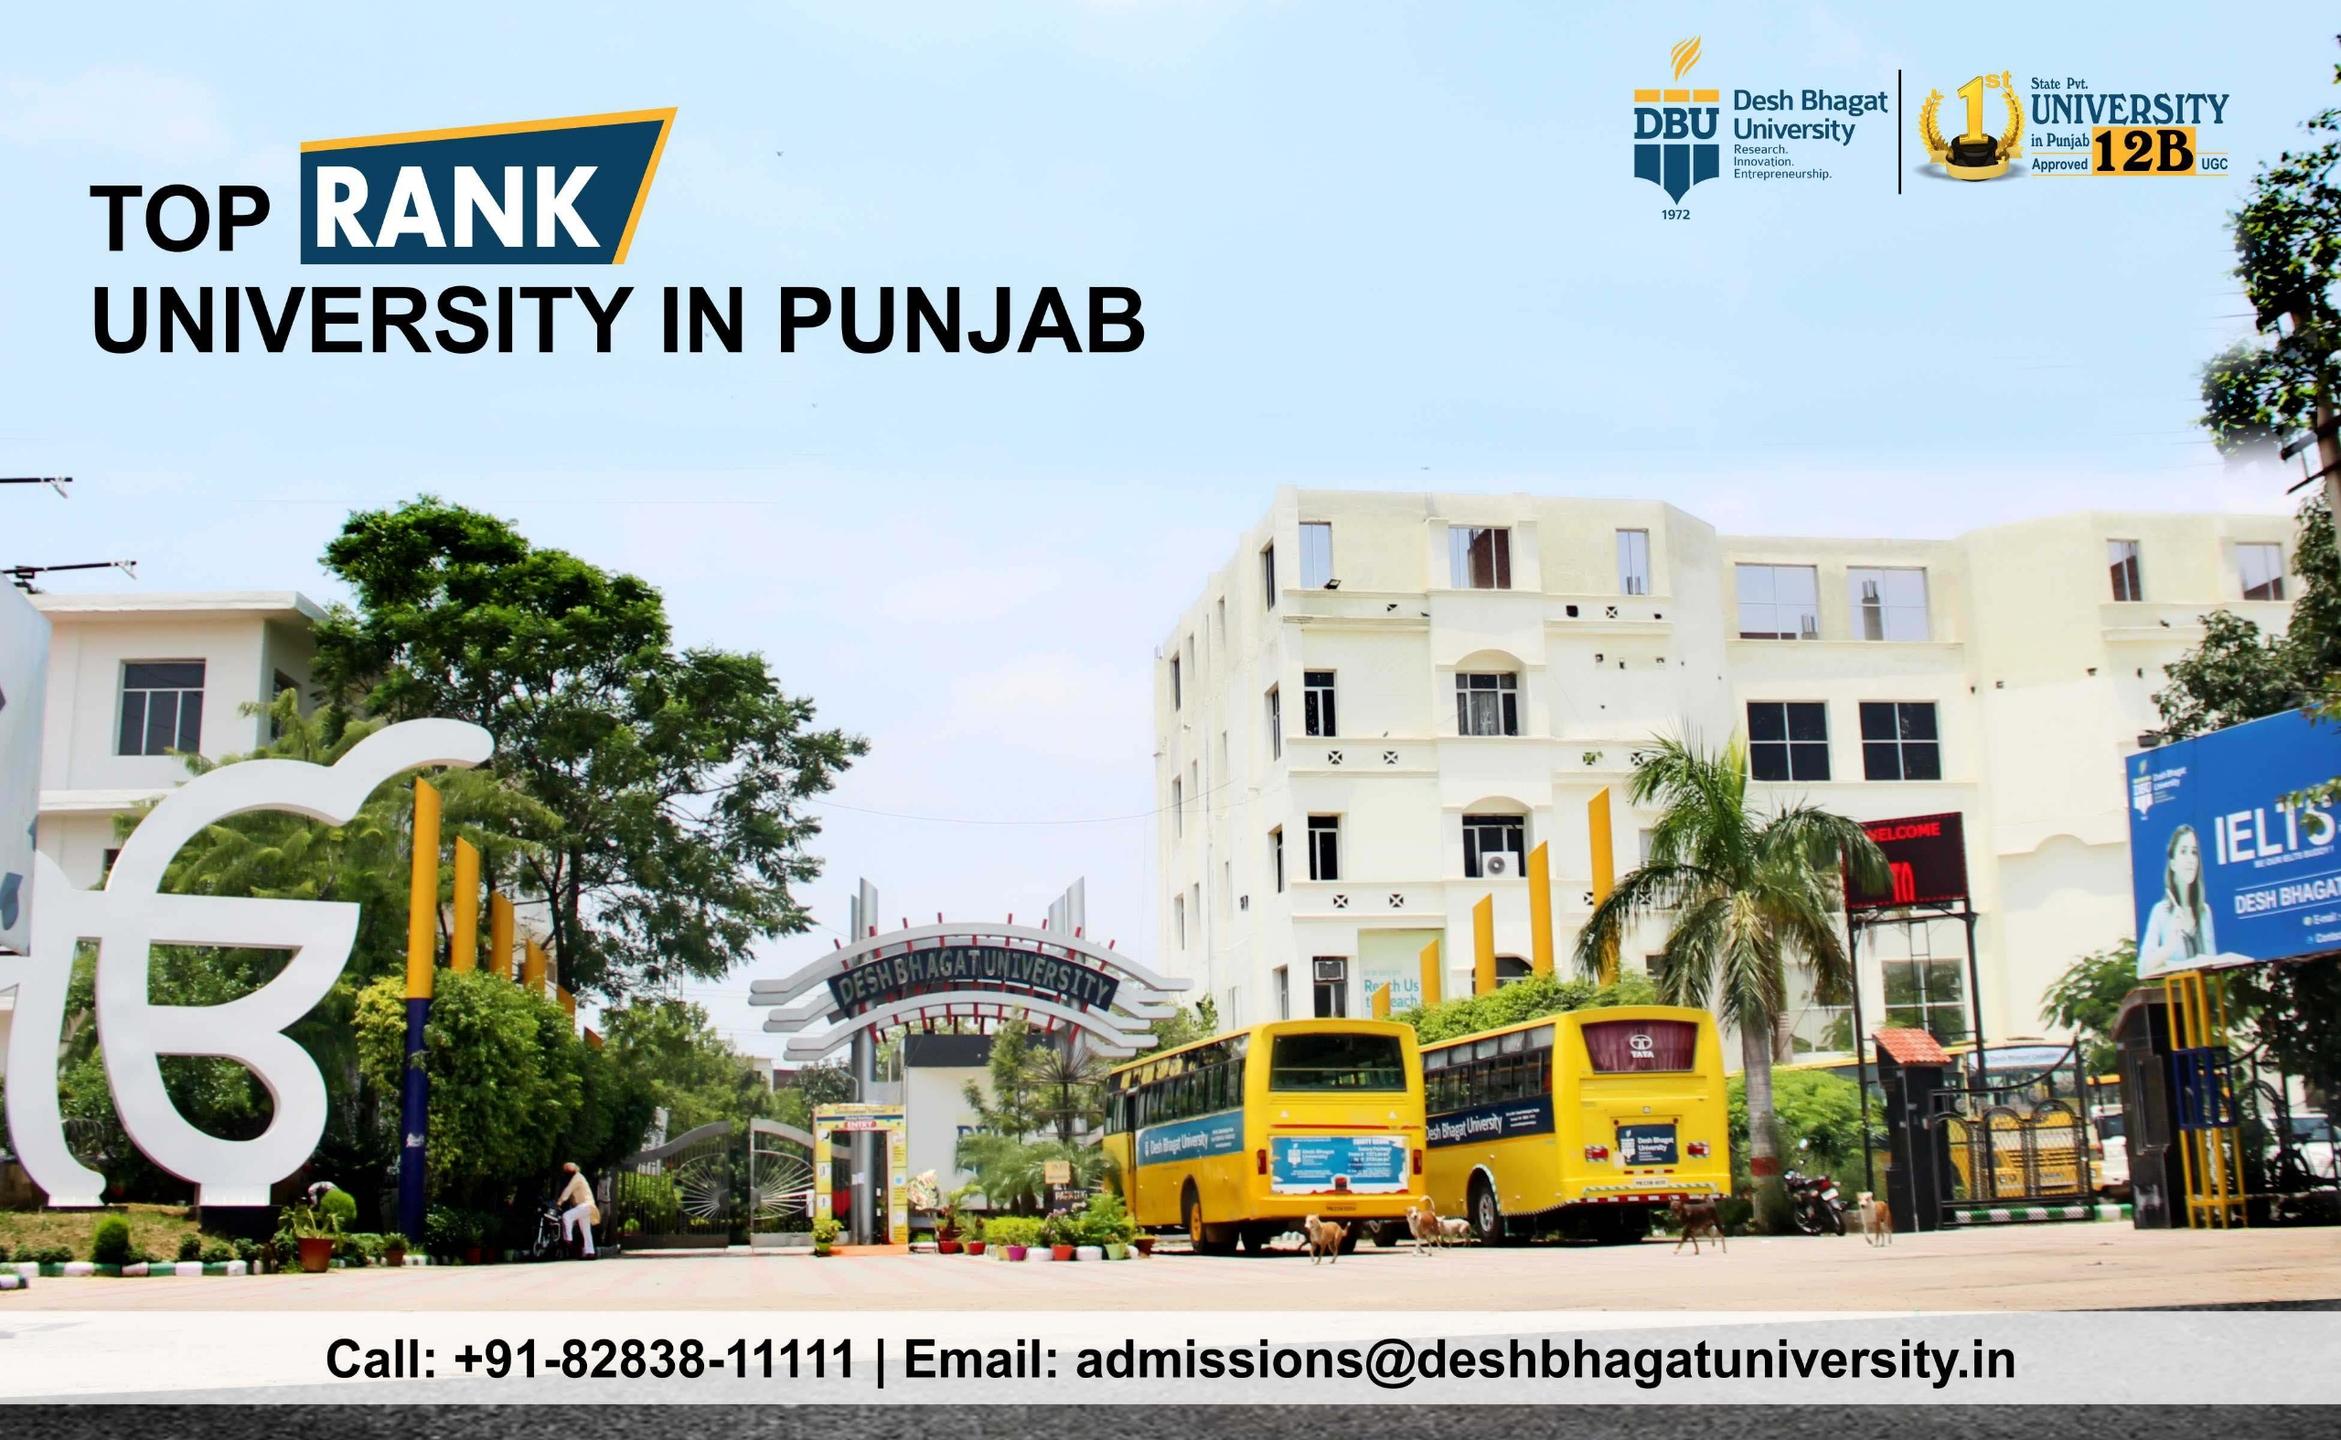 deshbhagatuniversity (@deshbhagatuniversity) Cover Image